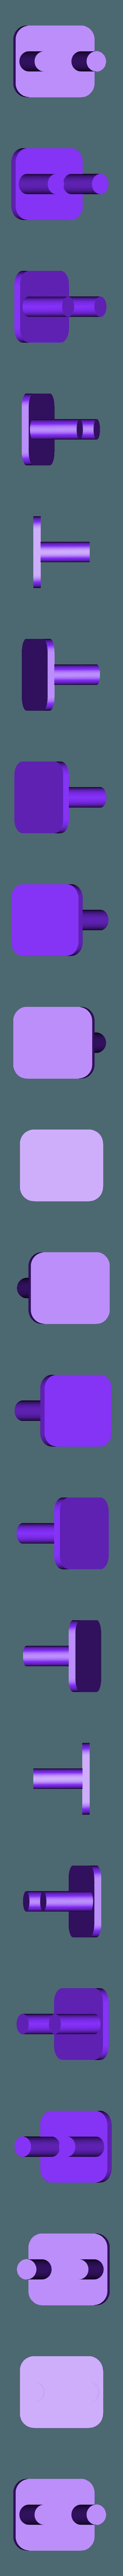 Cab.STL Download STL file LiL FRONT LOADER • 3D printable template, biglildesign